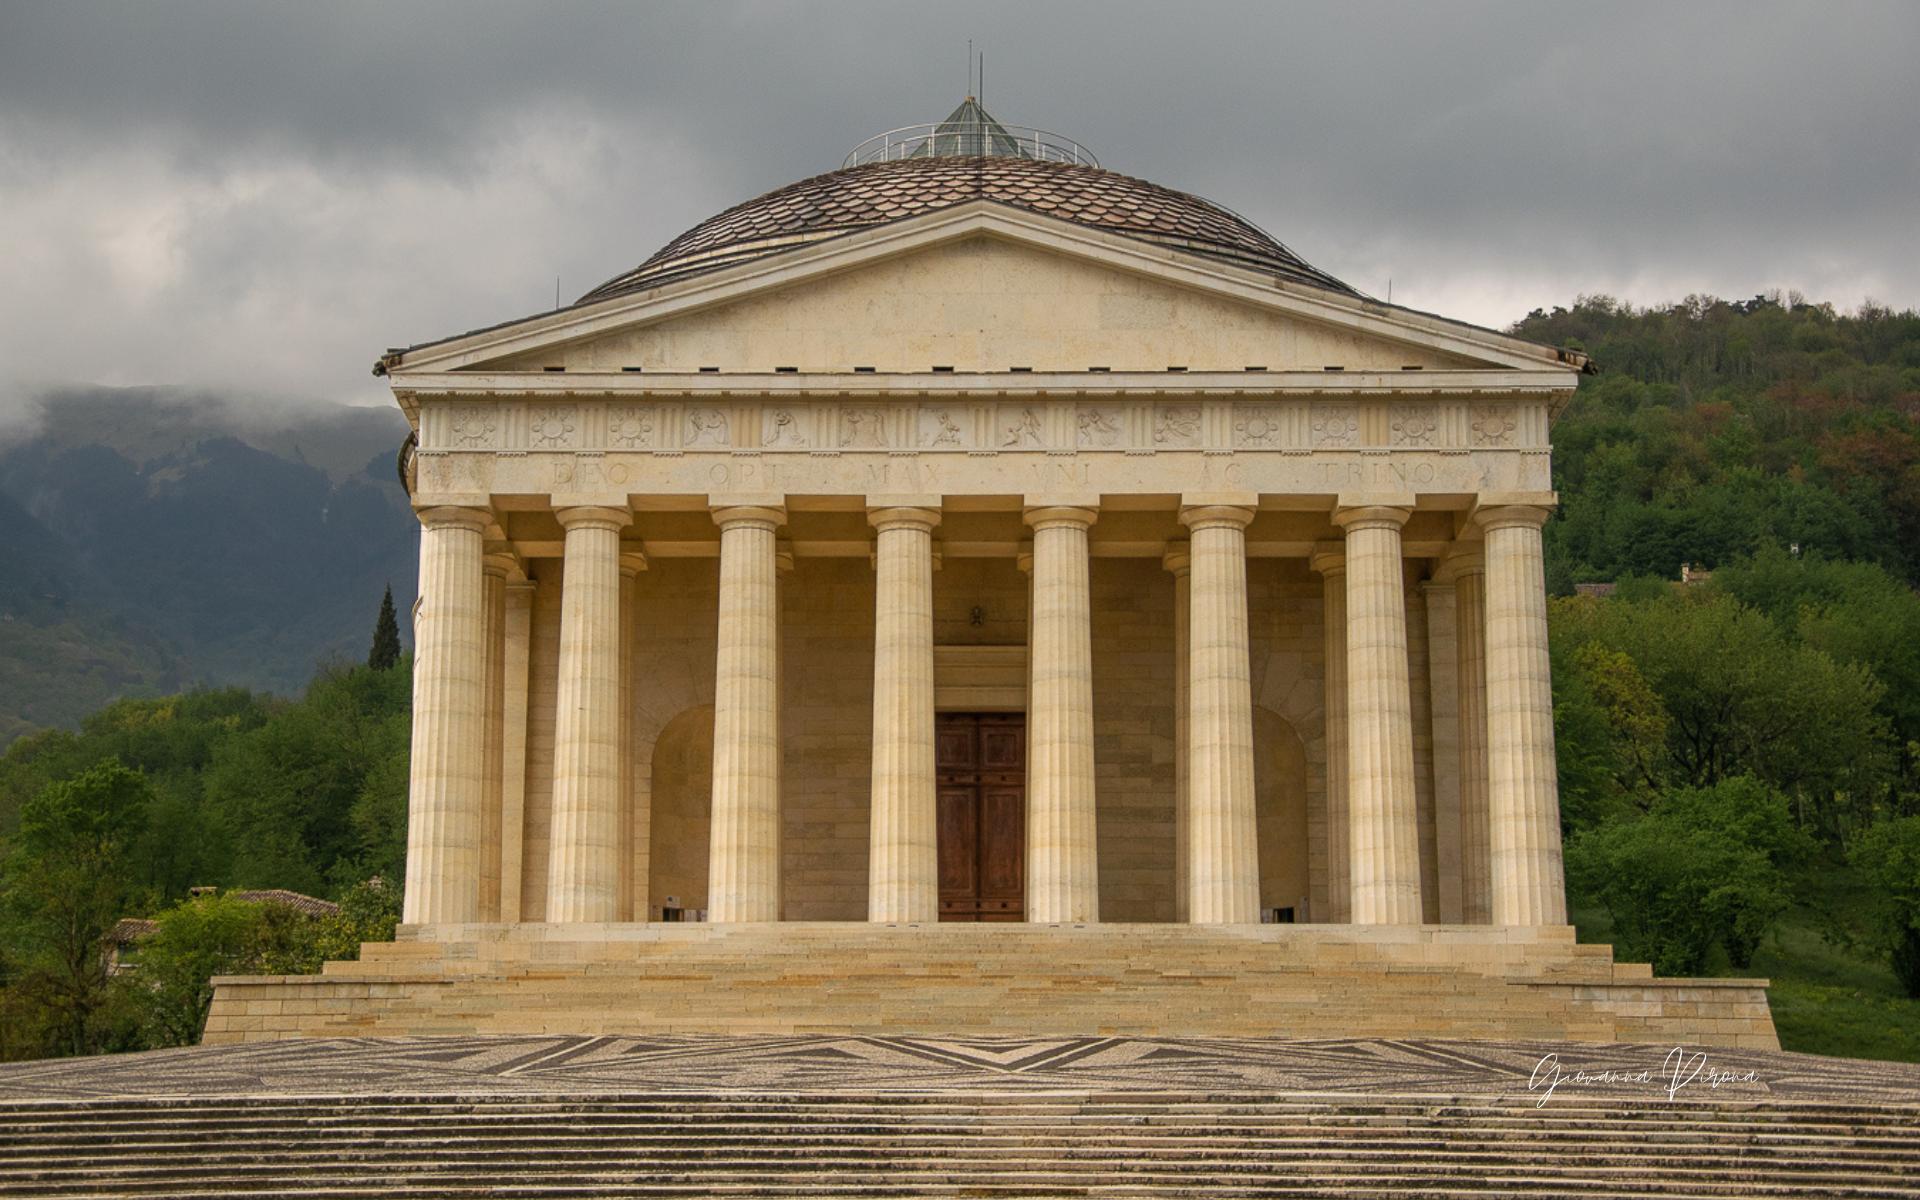 Tempio di Canova - cosa vedere all'esterno